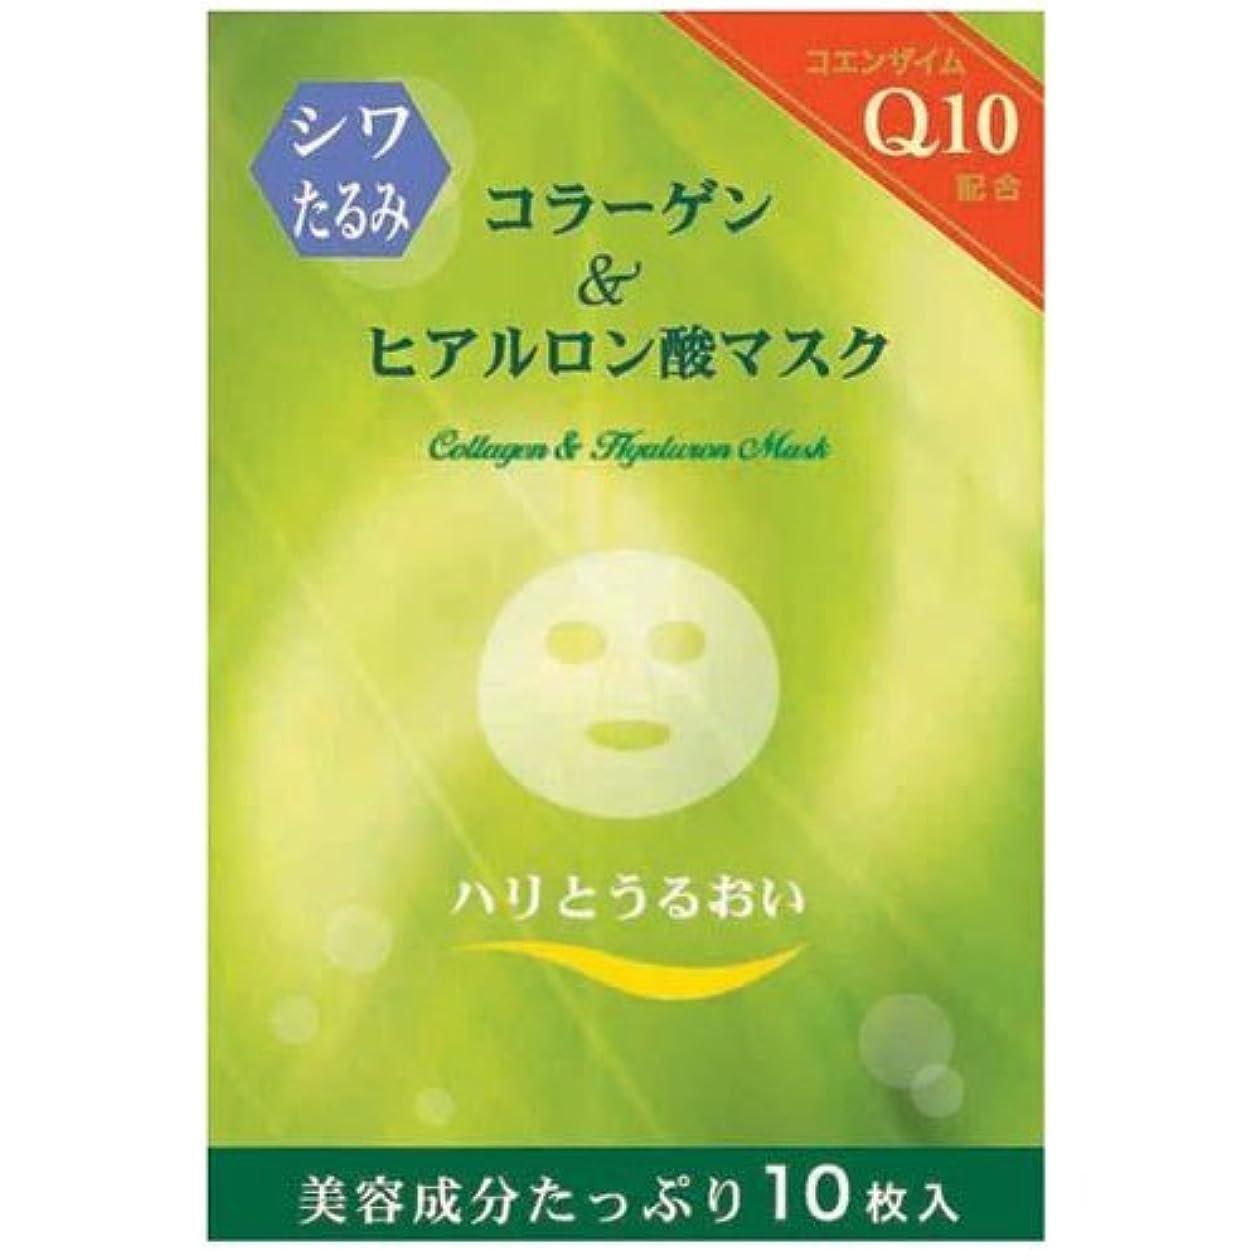 有毒な同一の食事を調理するコラーゲン&ヒアルロン酸マスク